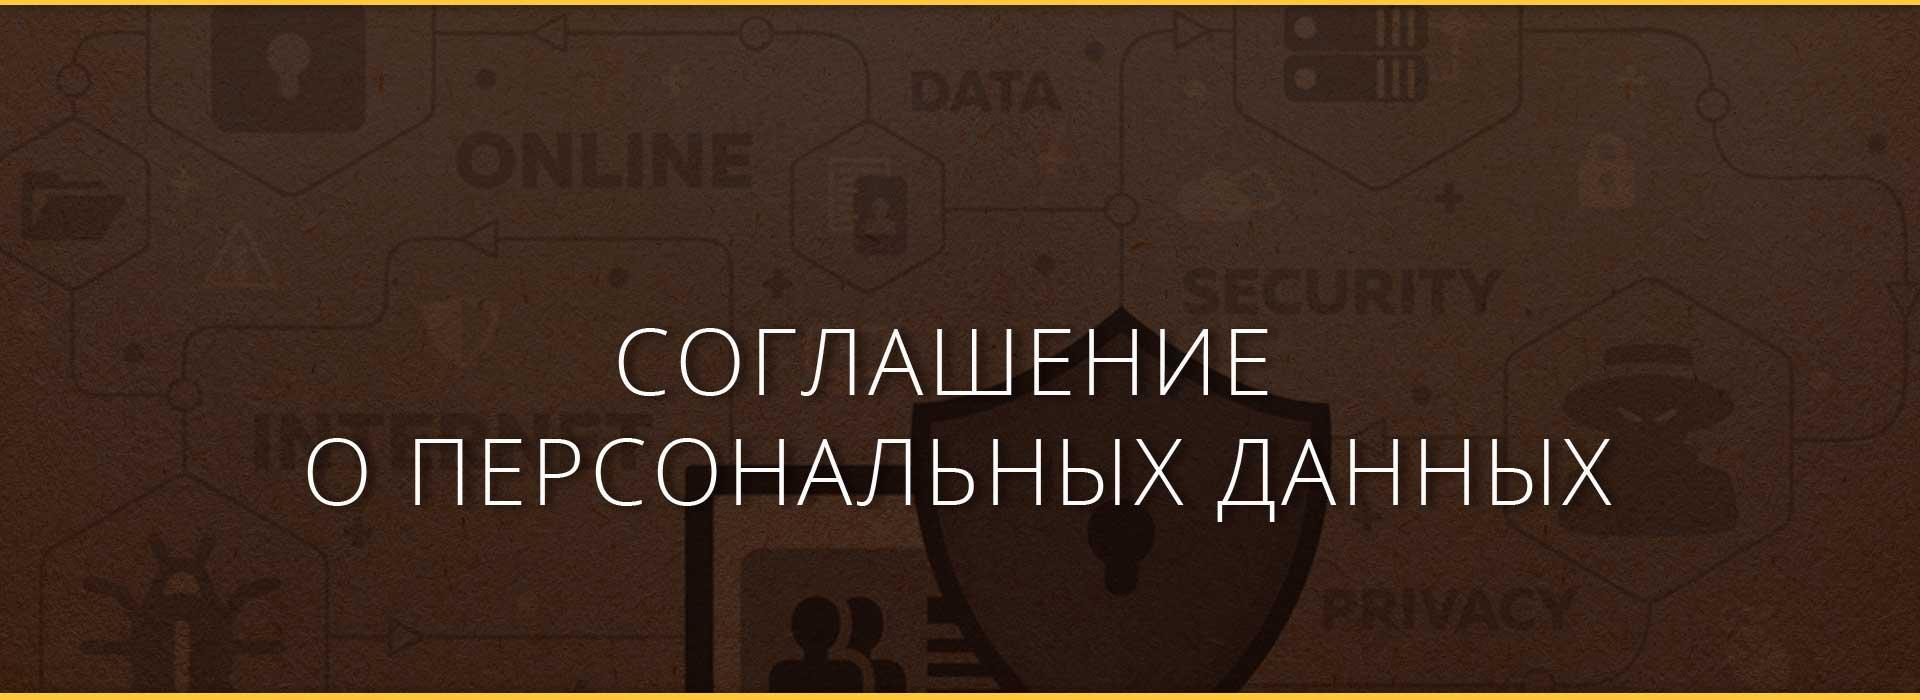 Соглашение о персональных данных